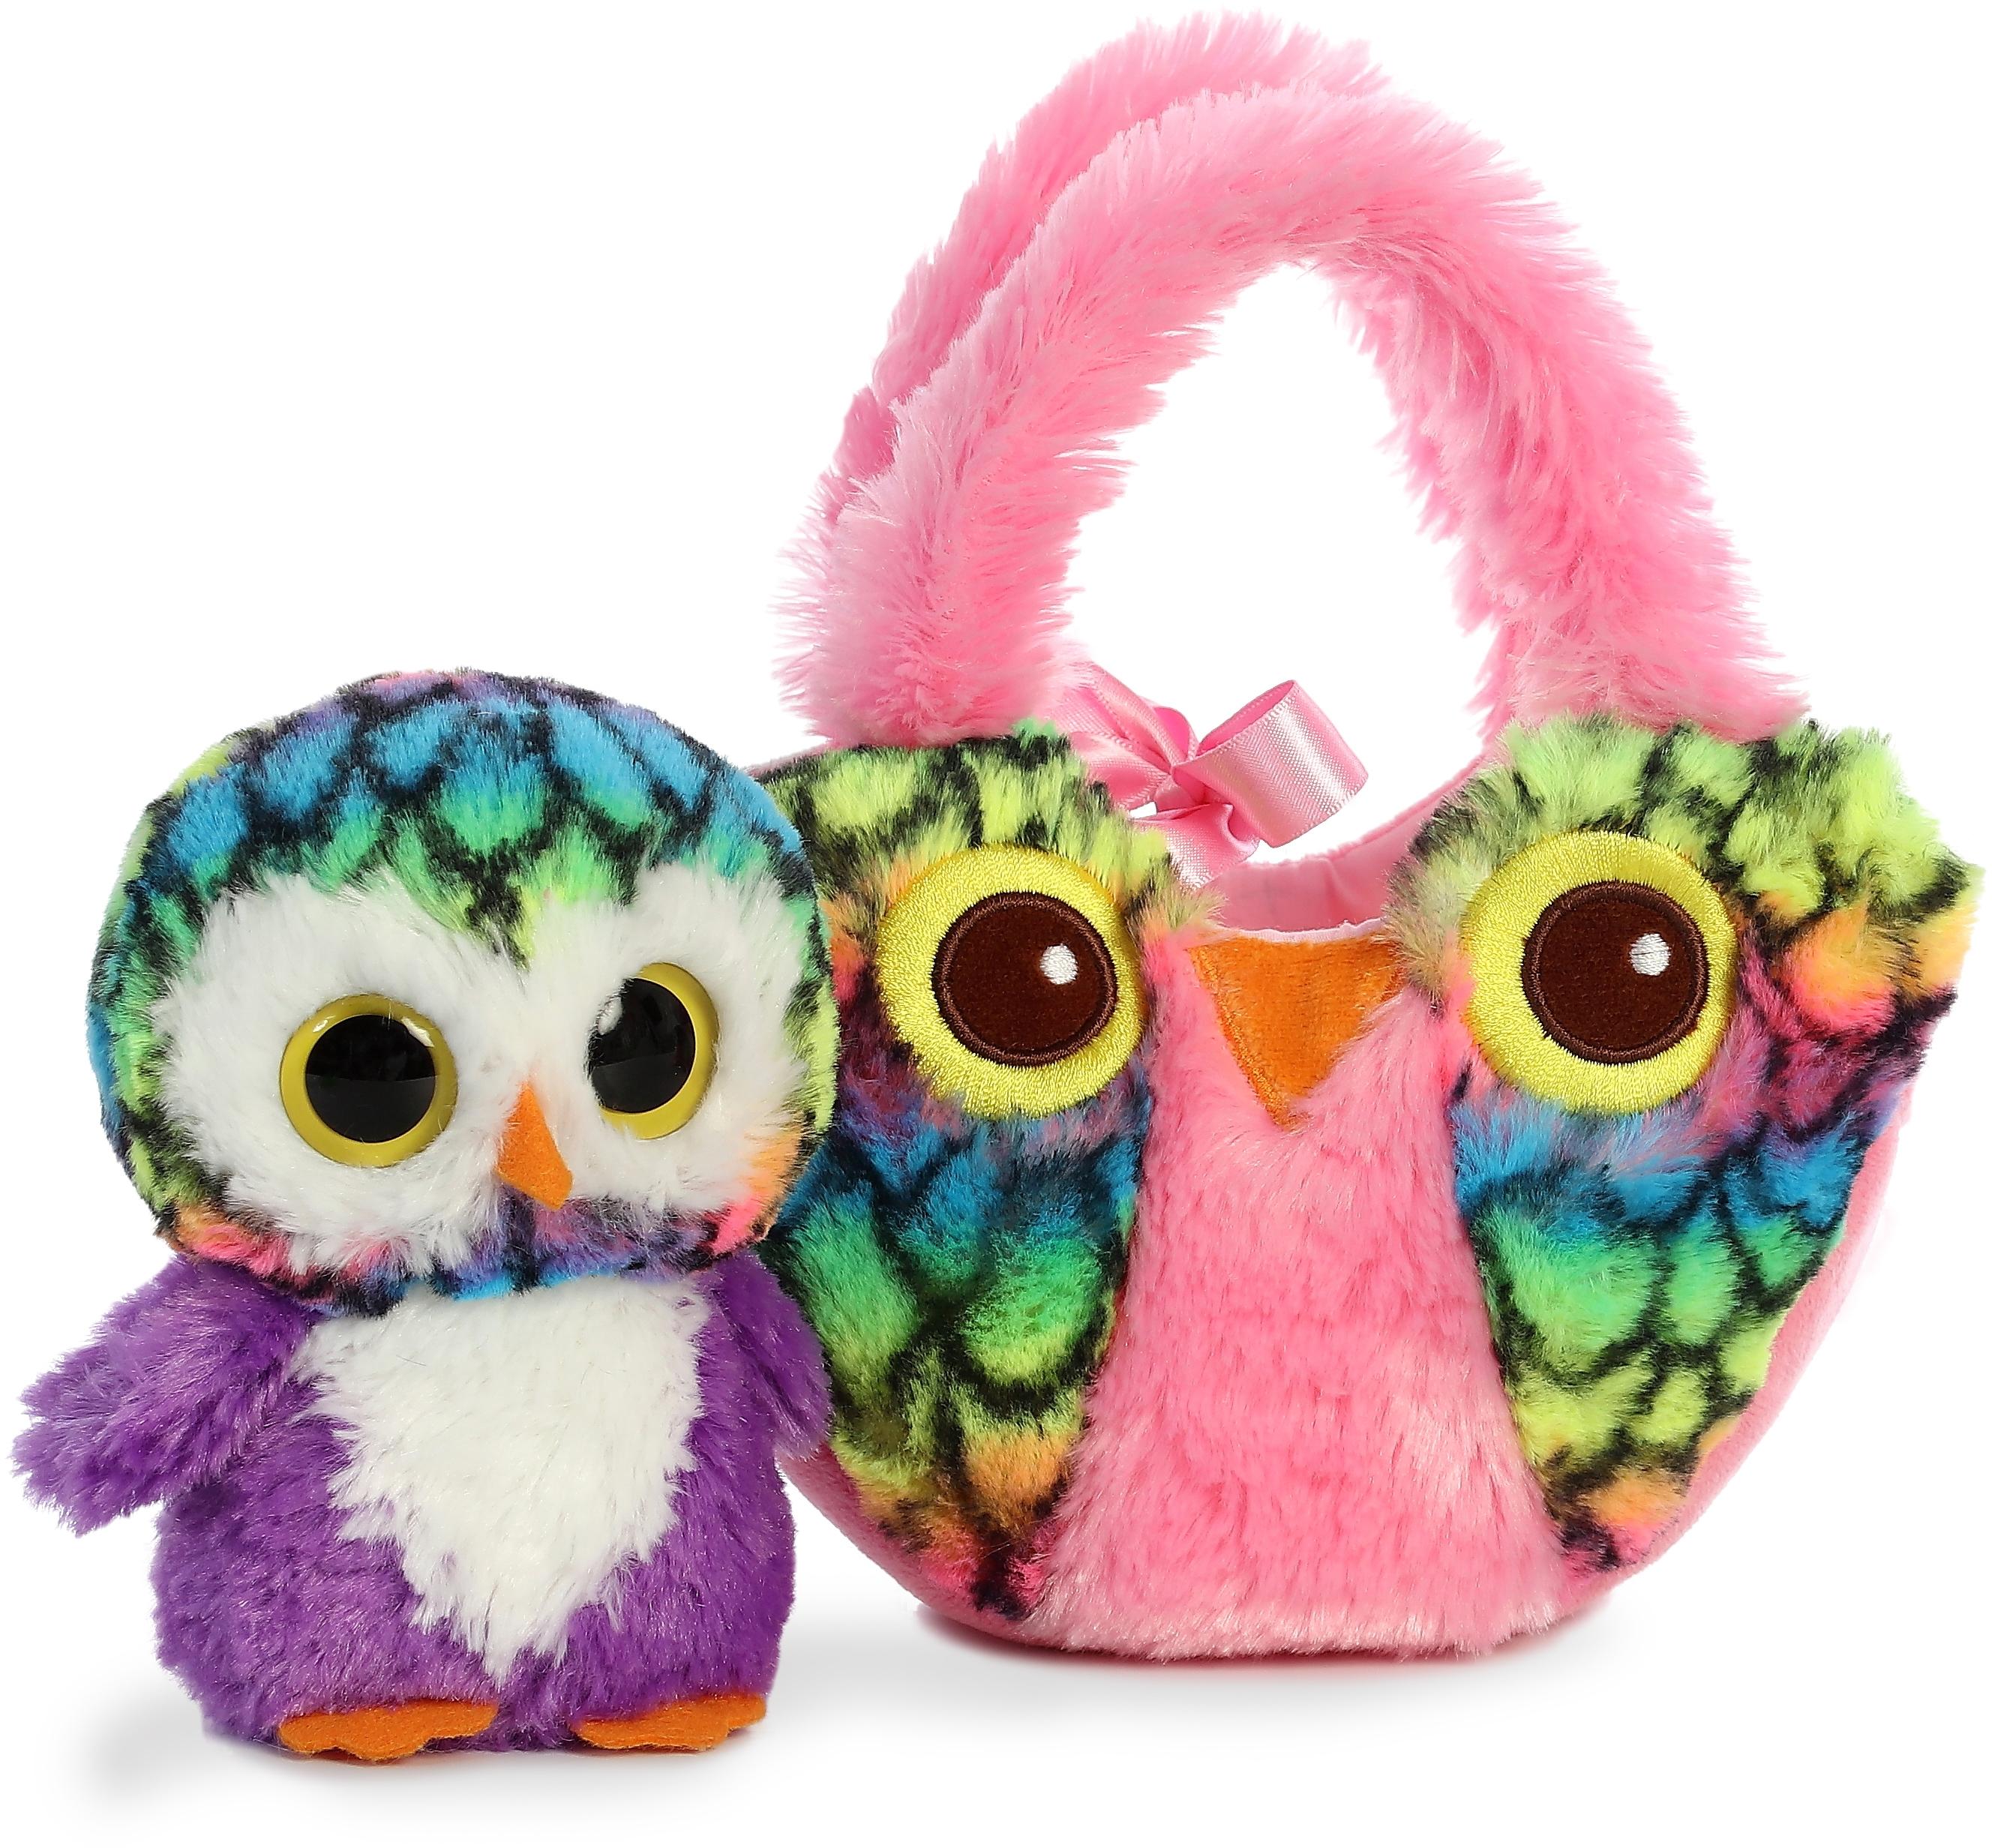 PET CARRIER OWL